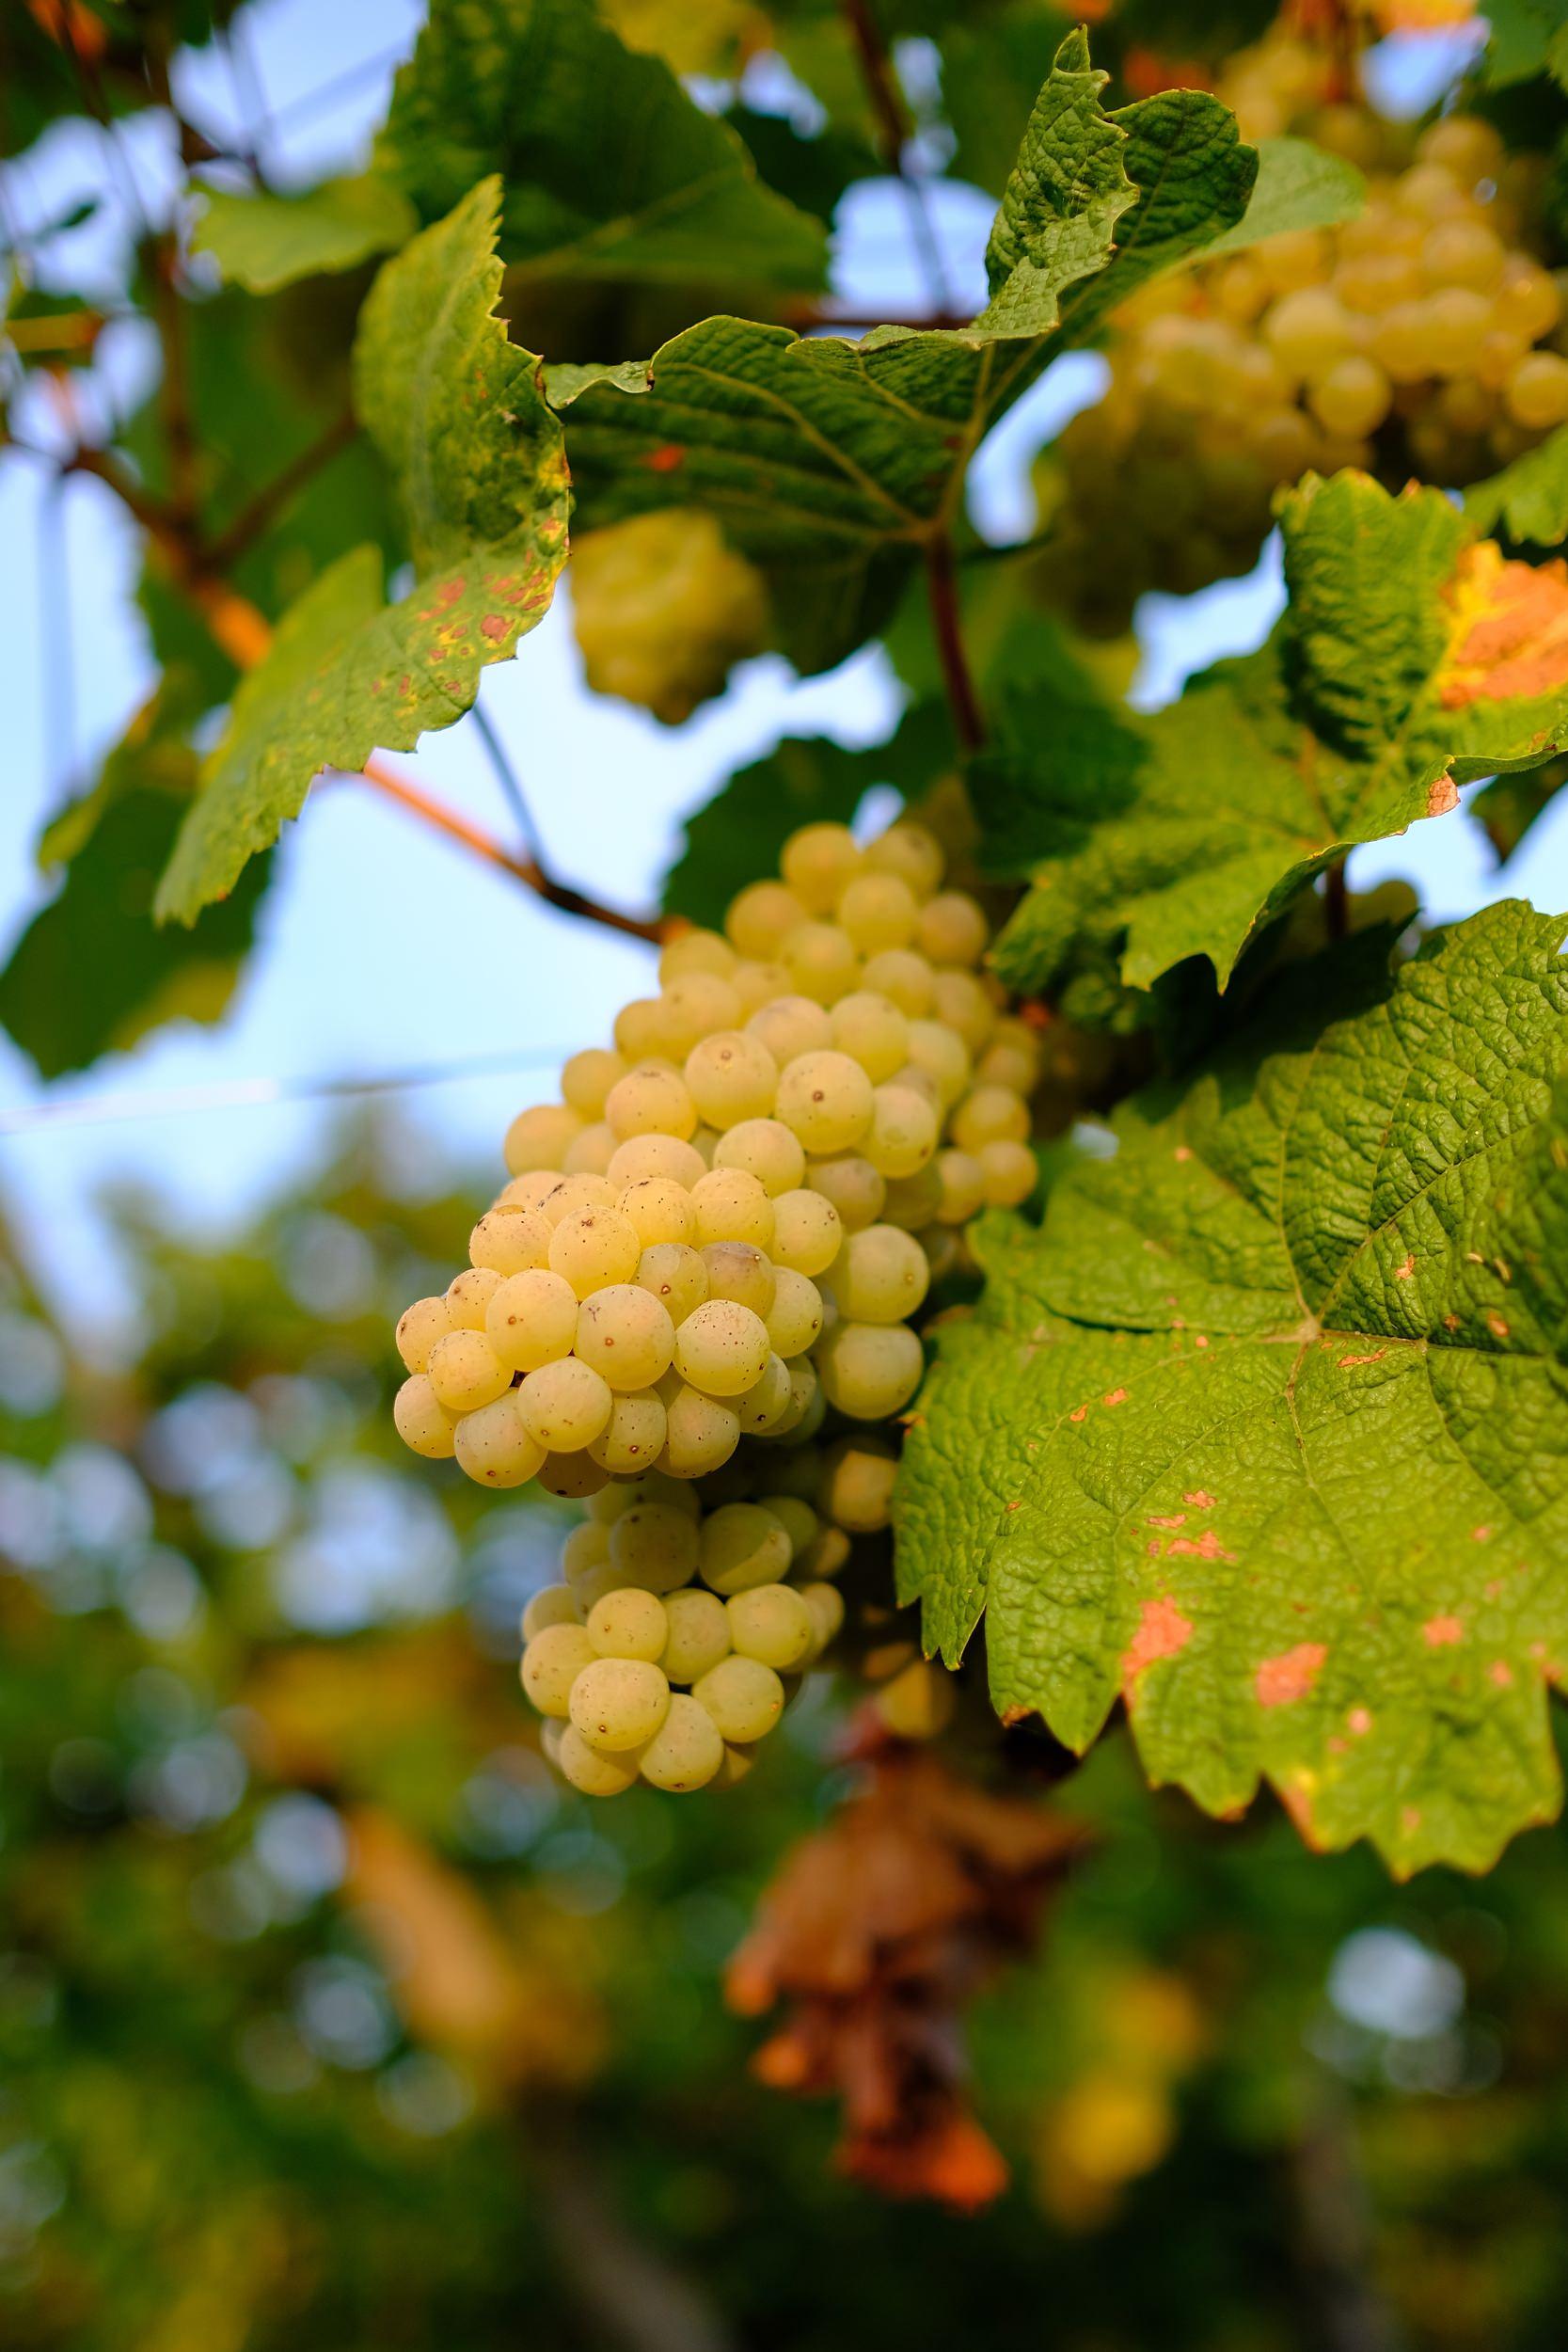 fotoreportage-wijn produceren-Vignoble des 2 lunes-Bosman Wijnkopers-453.jpg